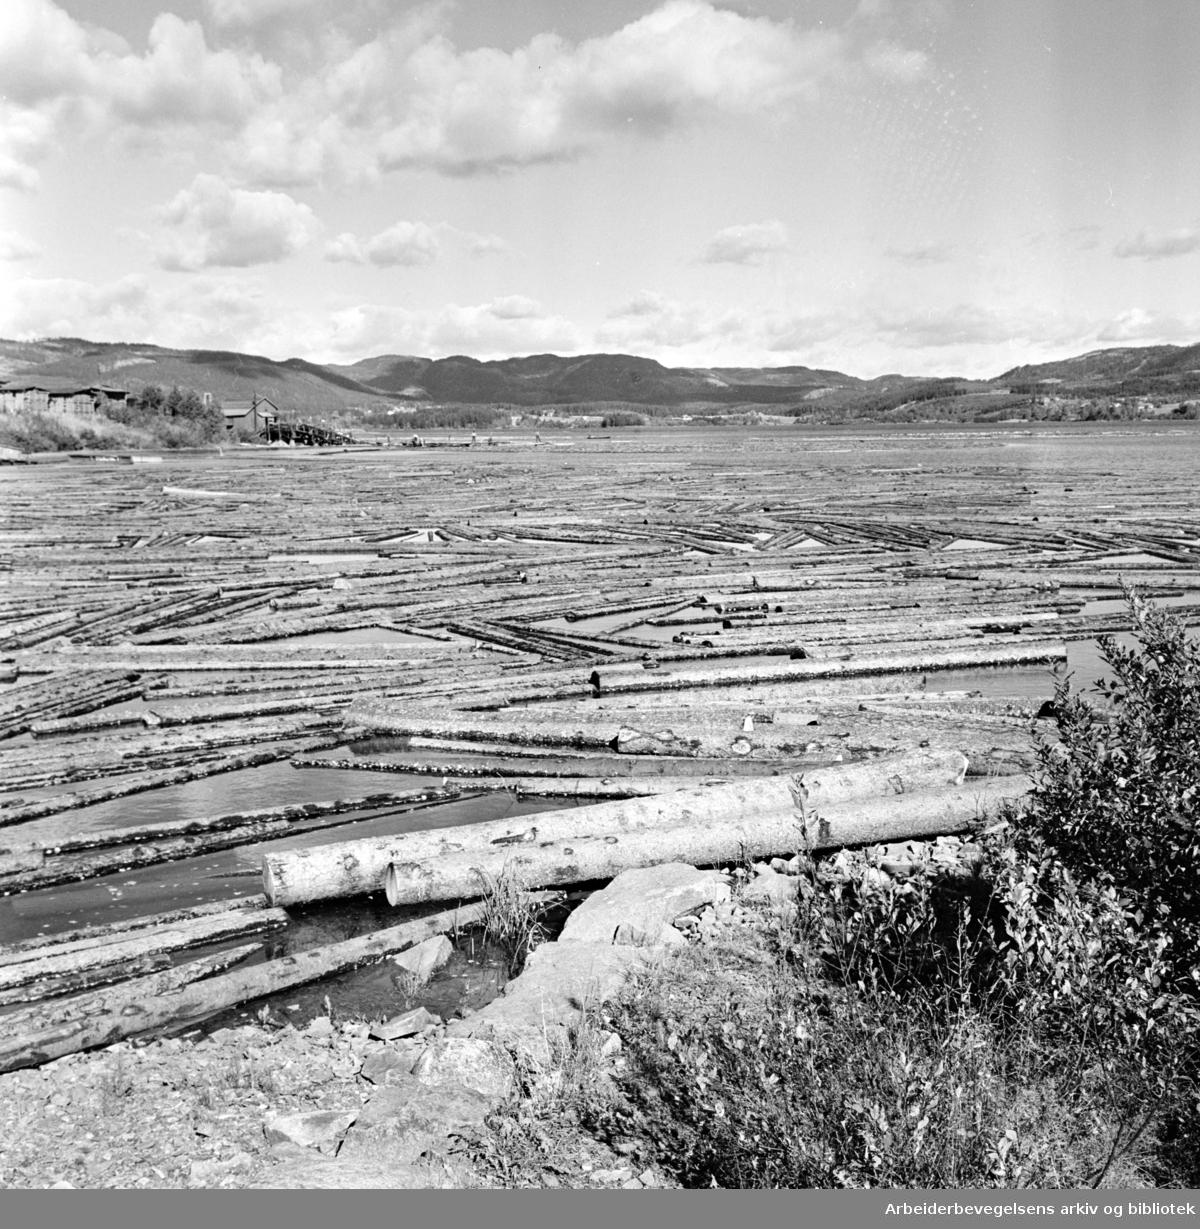 Maridalen: Maridalsvannet: Løvenskjold-Vækerøs sagbruk..Reportasje om drikkevanns-forurensing. September 1961